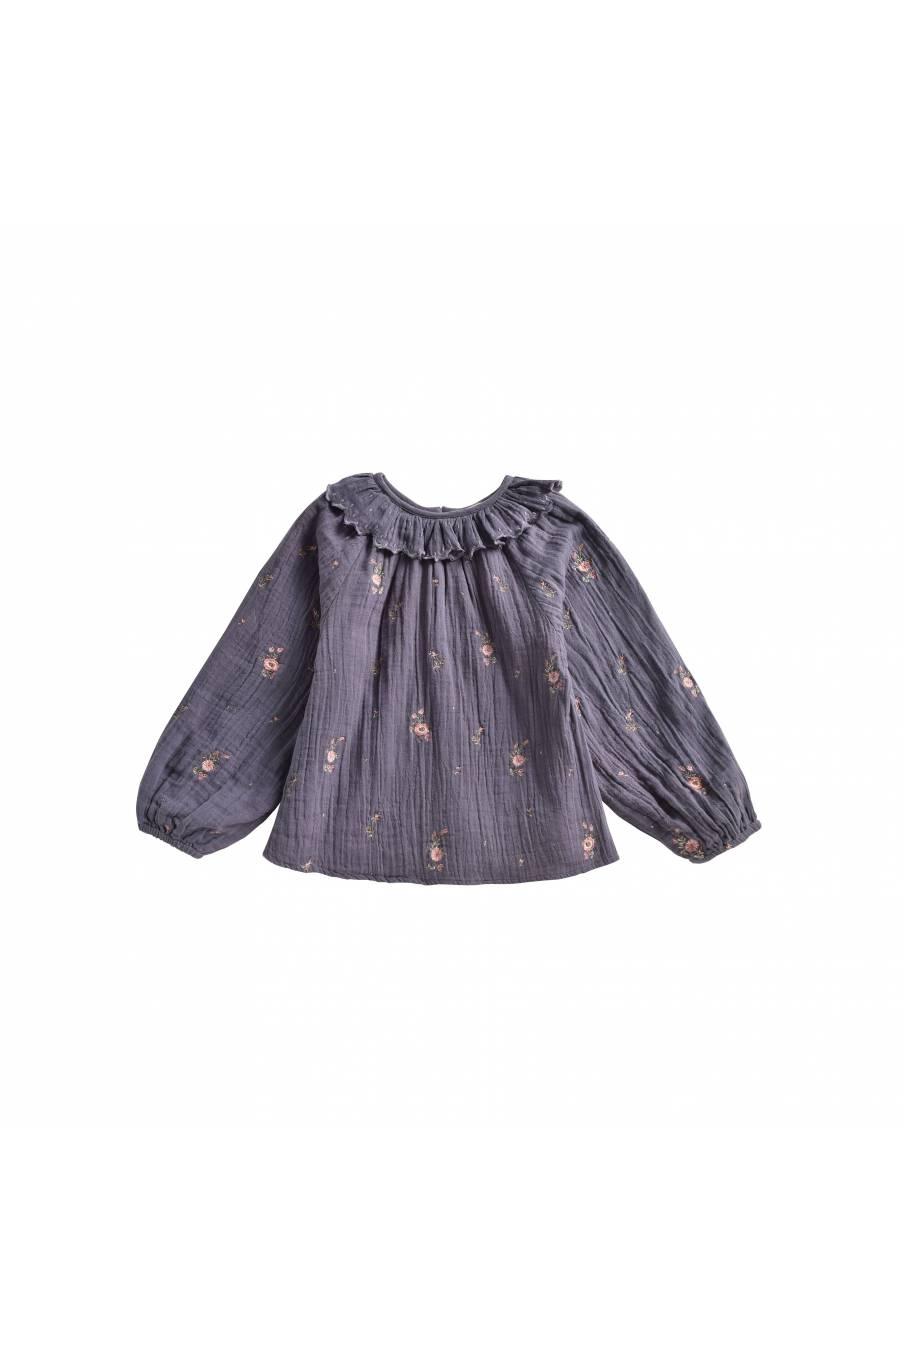 boheme chic vintage blouse bébé fille sandrine storm flowers